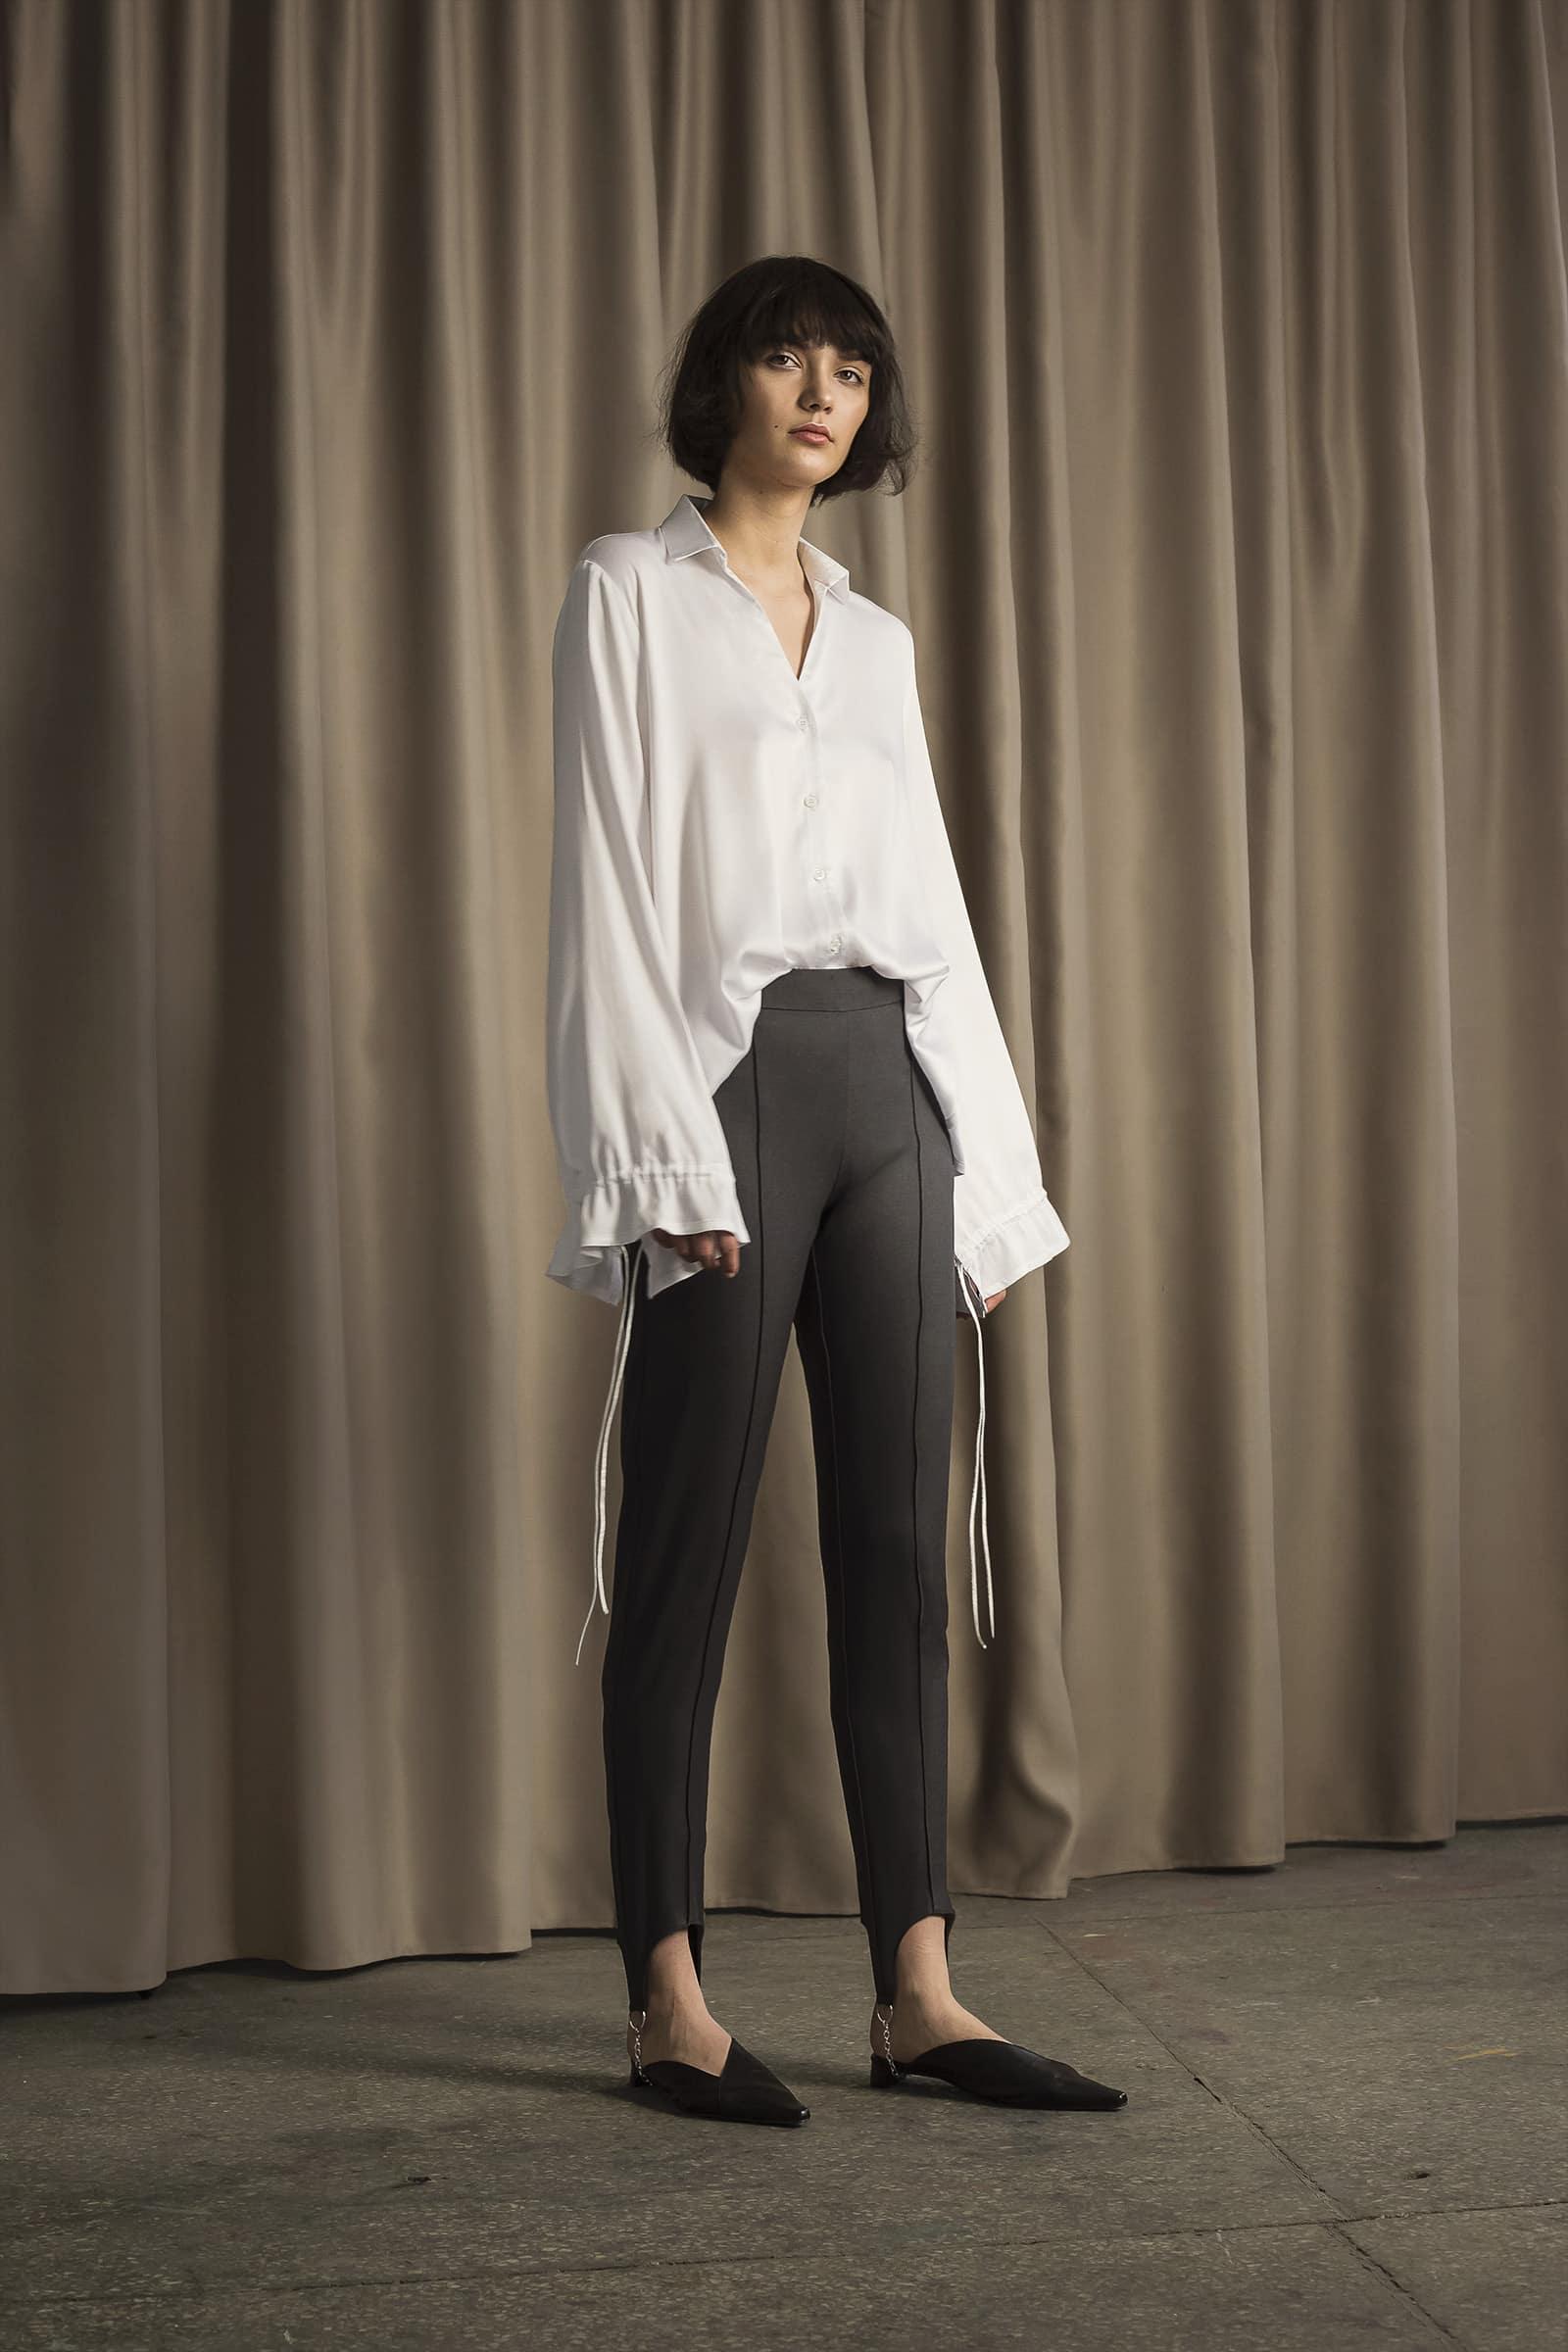 spodnie-z-lancuszkami_cyvonyuk_lookbook_C_02